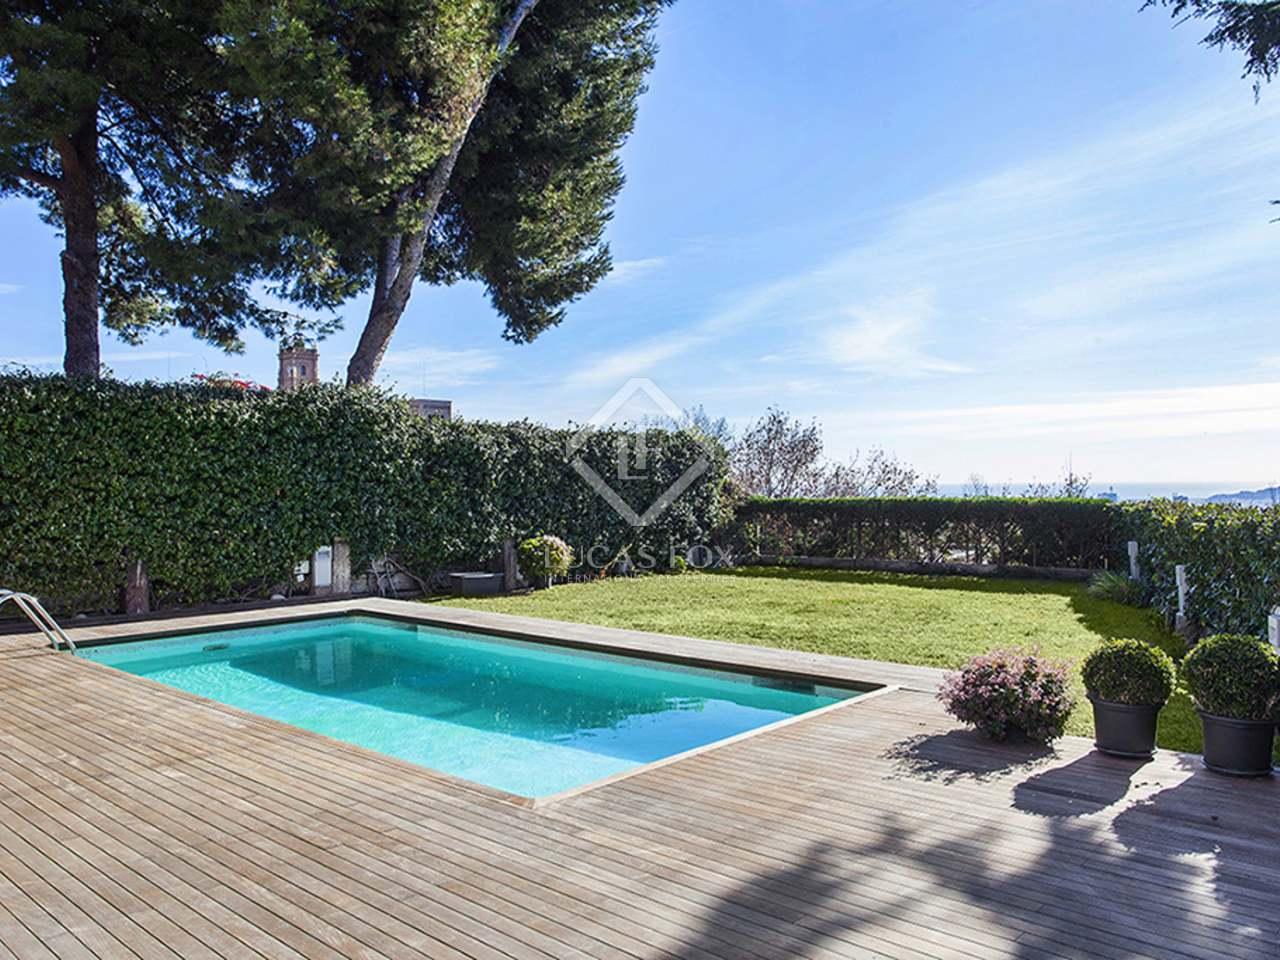 Casa adosada de lujo en alquiler en la zona alta de barcelona for Casa con jardin alquiler barcelona